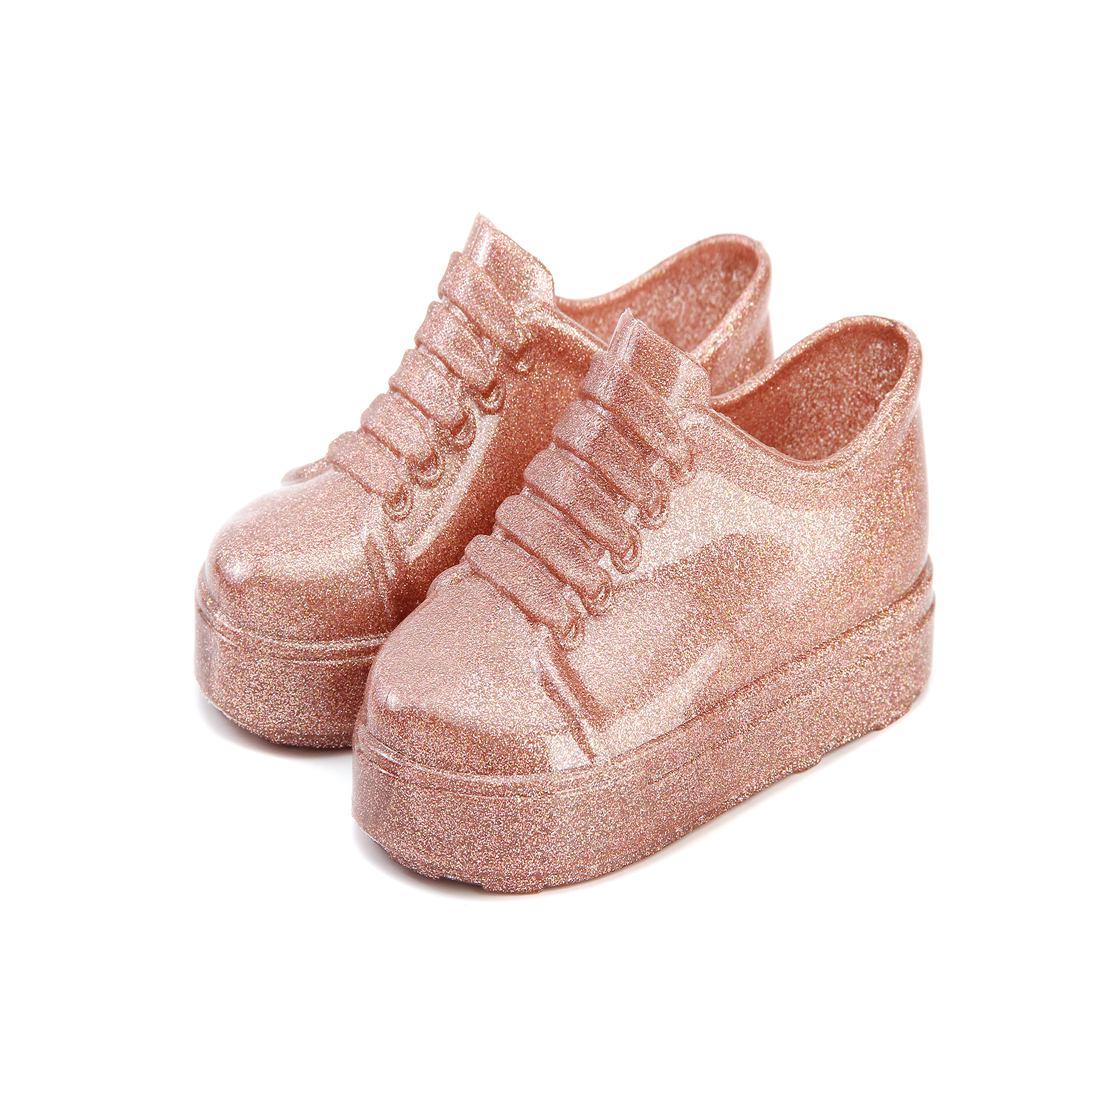 Ehrlichkeit Melissa 2018 Flache Slip-auf Mini Sandalen Neue Sommer Mädchen Gelee Sport Schuhe Kinder Baby Schnürsenkel Flache Schuh Halten Wärmer Mutter & Kinder Mädchen